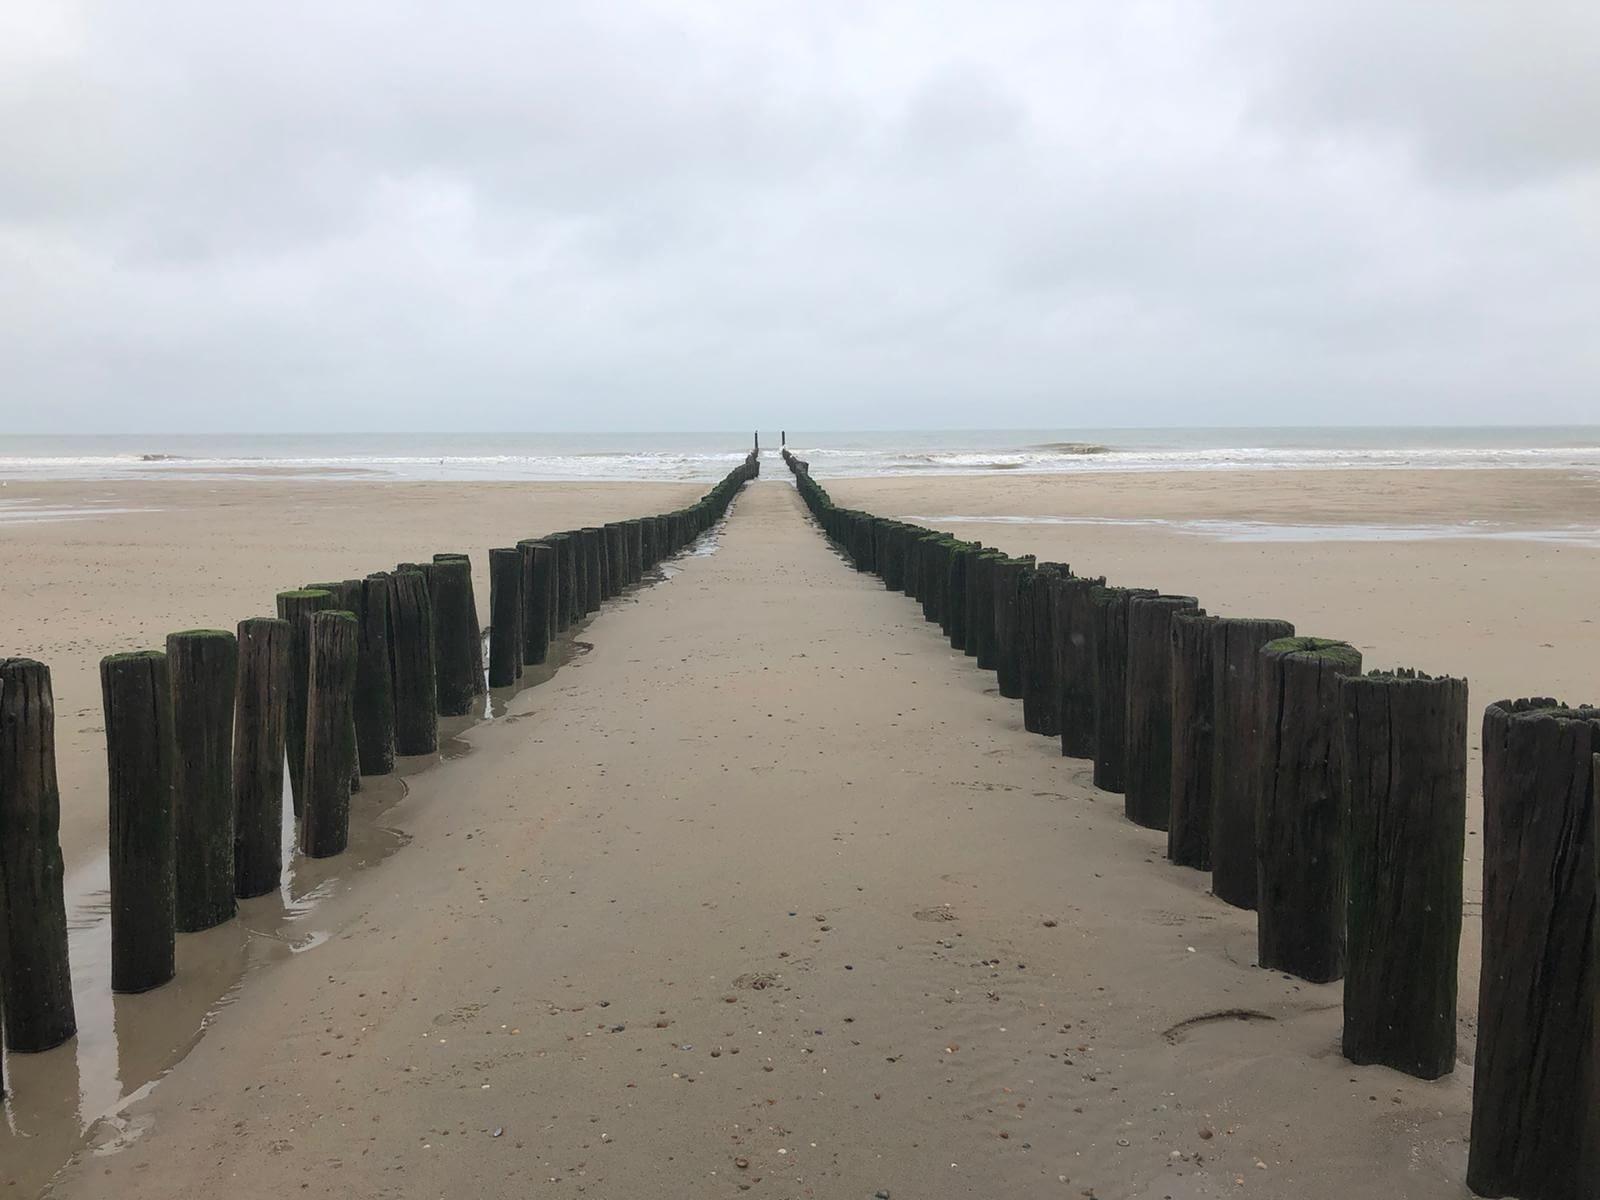 Rouw - Een rouwroute vinden naar een nieuwe horizon. Nog niet zo makkelijk. Wel haalbaar met kleine stappen vooruit - Traan en een Lach